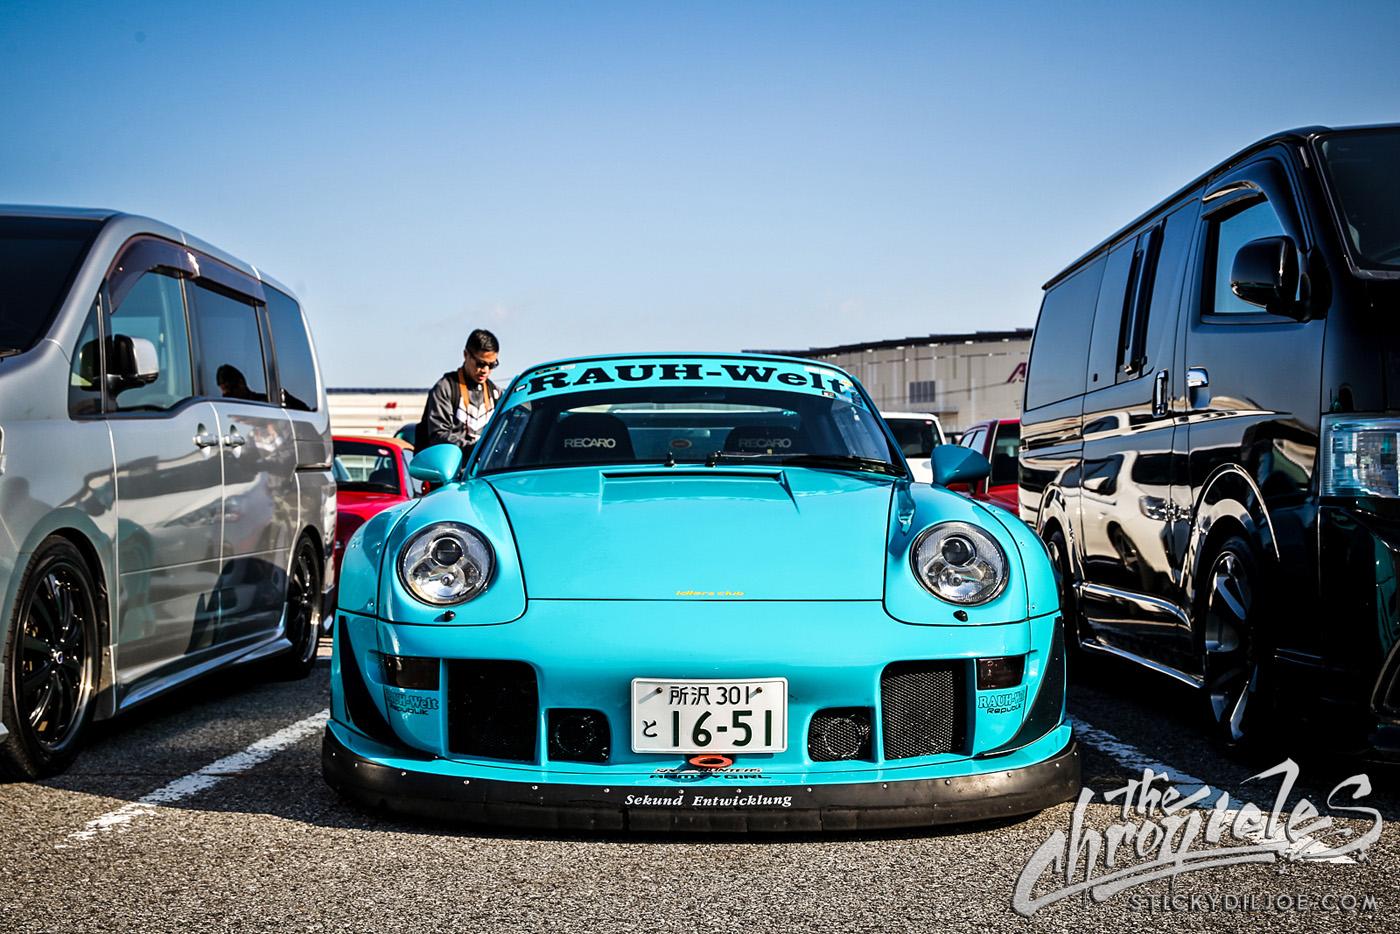 Tokyo Auto Salon 2016 Coverage…Part 1…